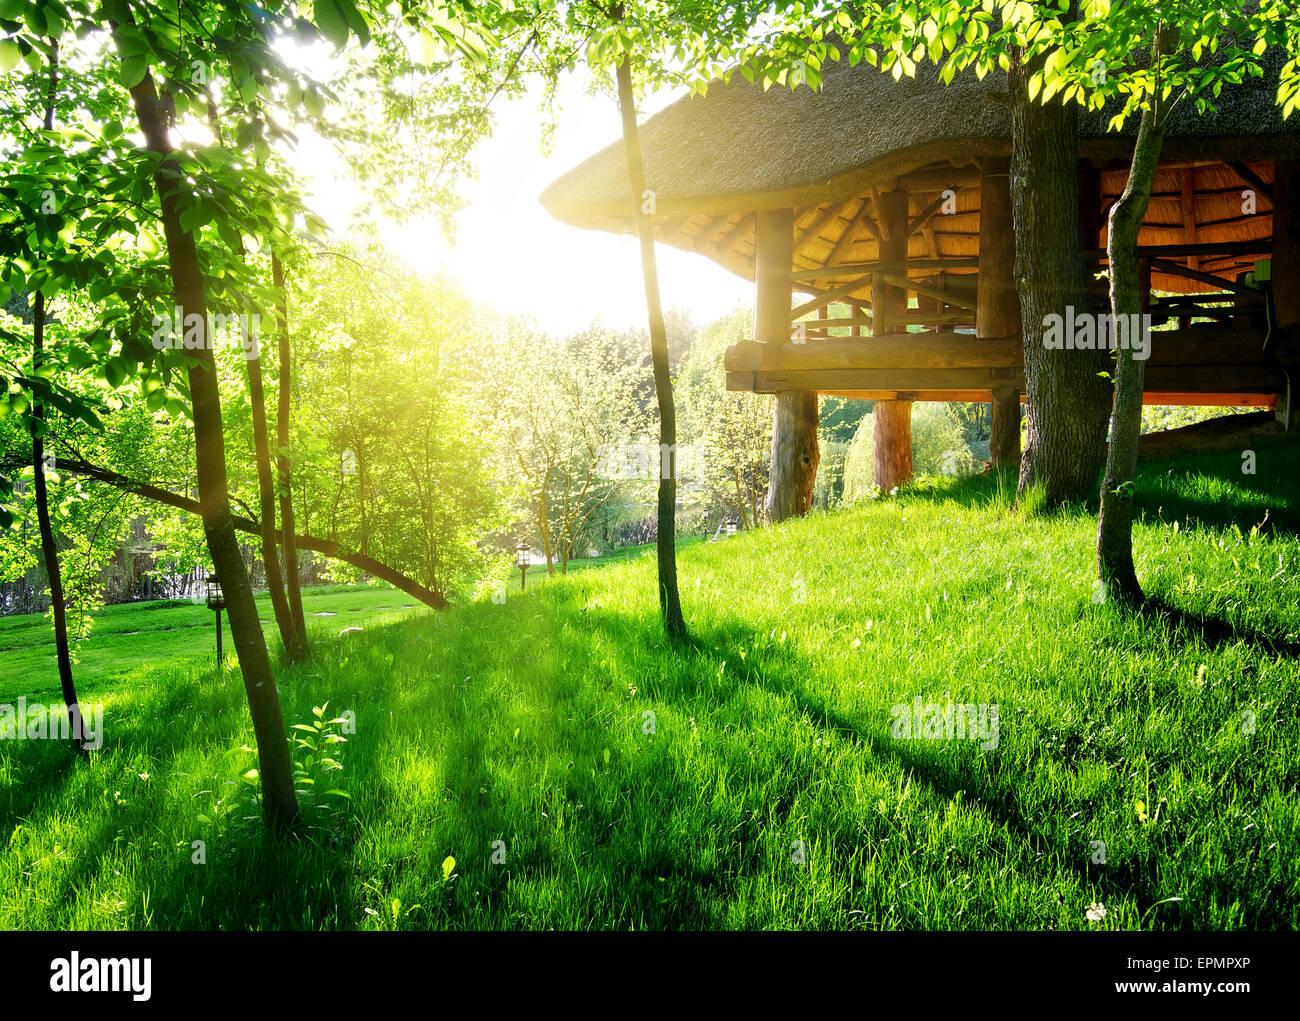 Gazebo entre los árboles verdes y en día soleado Imagen De Stock